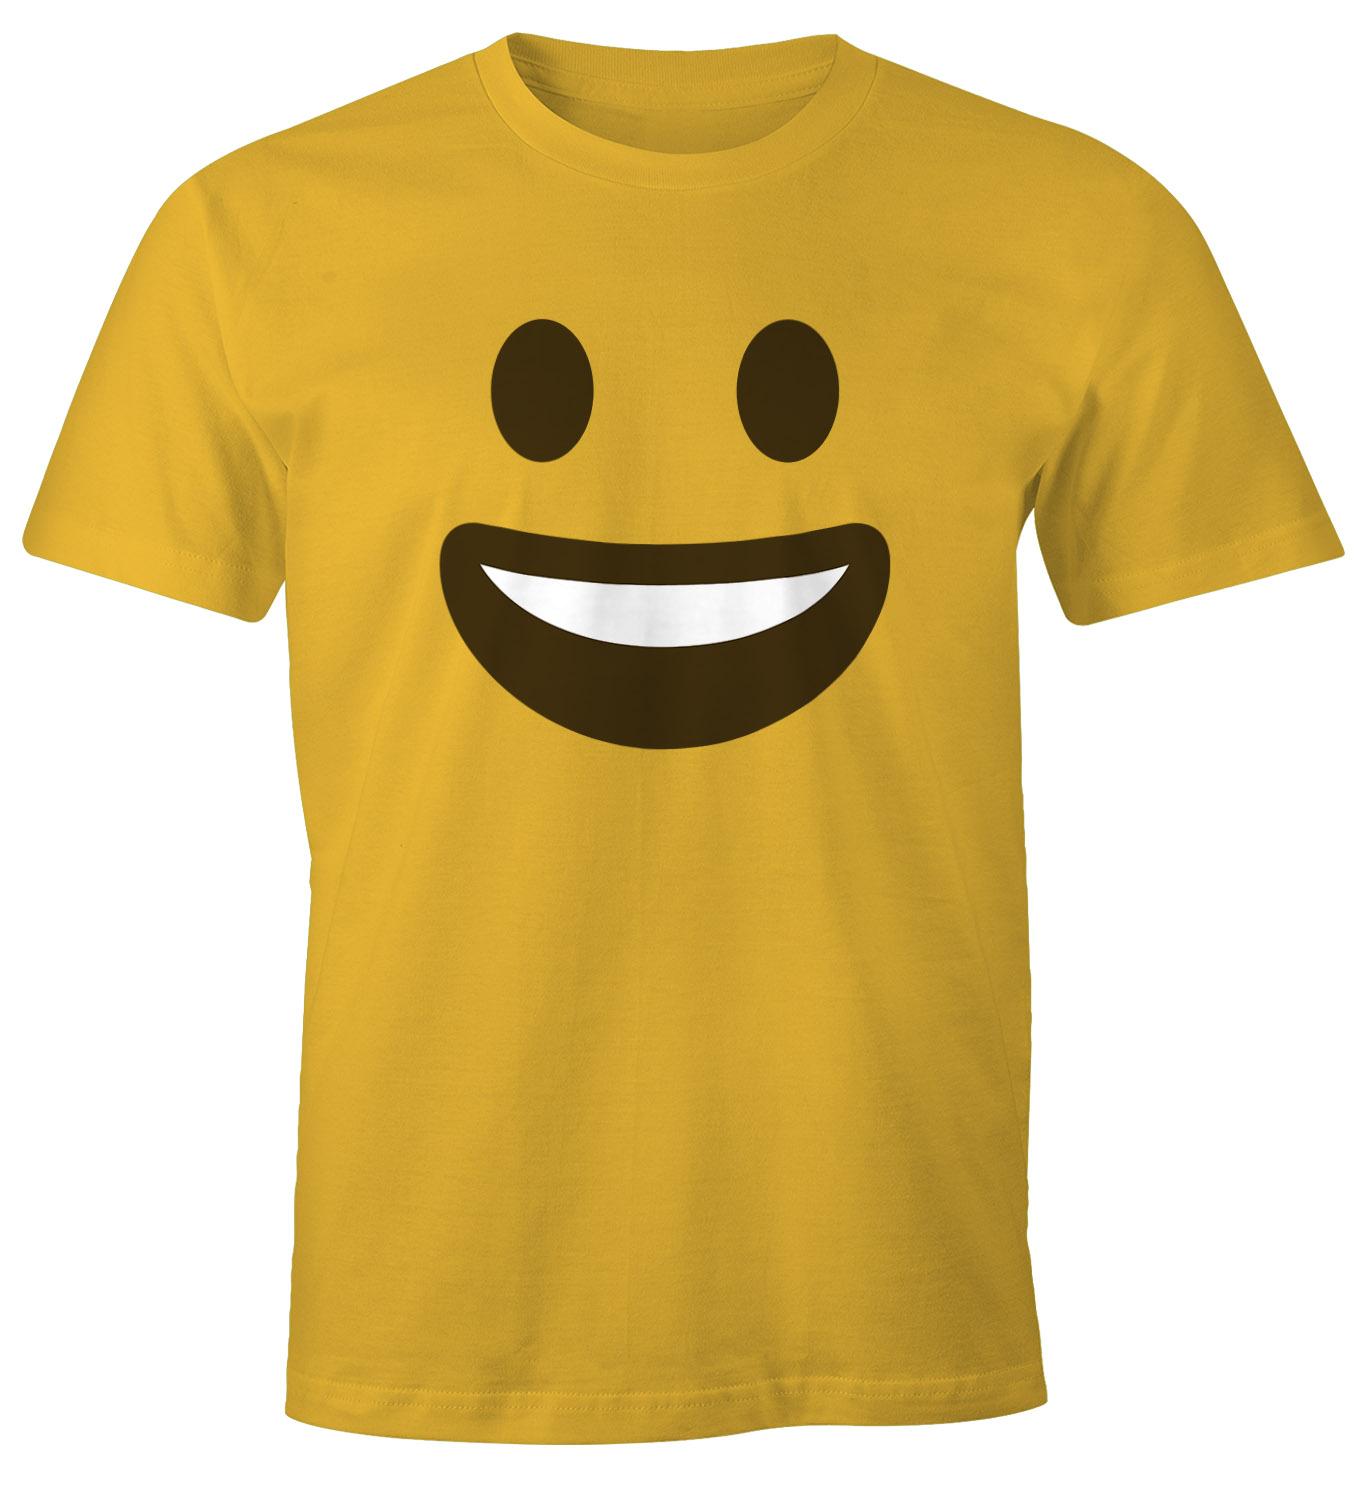 Full Size of Sprüche T Shirt Junggesellinnenabschied Herren Emoji Gruppenkostm Fasching Karneval Indirekte Beleuchtung Wohnzimmer Küche Pendelleuchte Landhaus Bett Runde Küche Sprüche T Shirt Junggesellinnenabschied